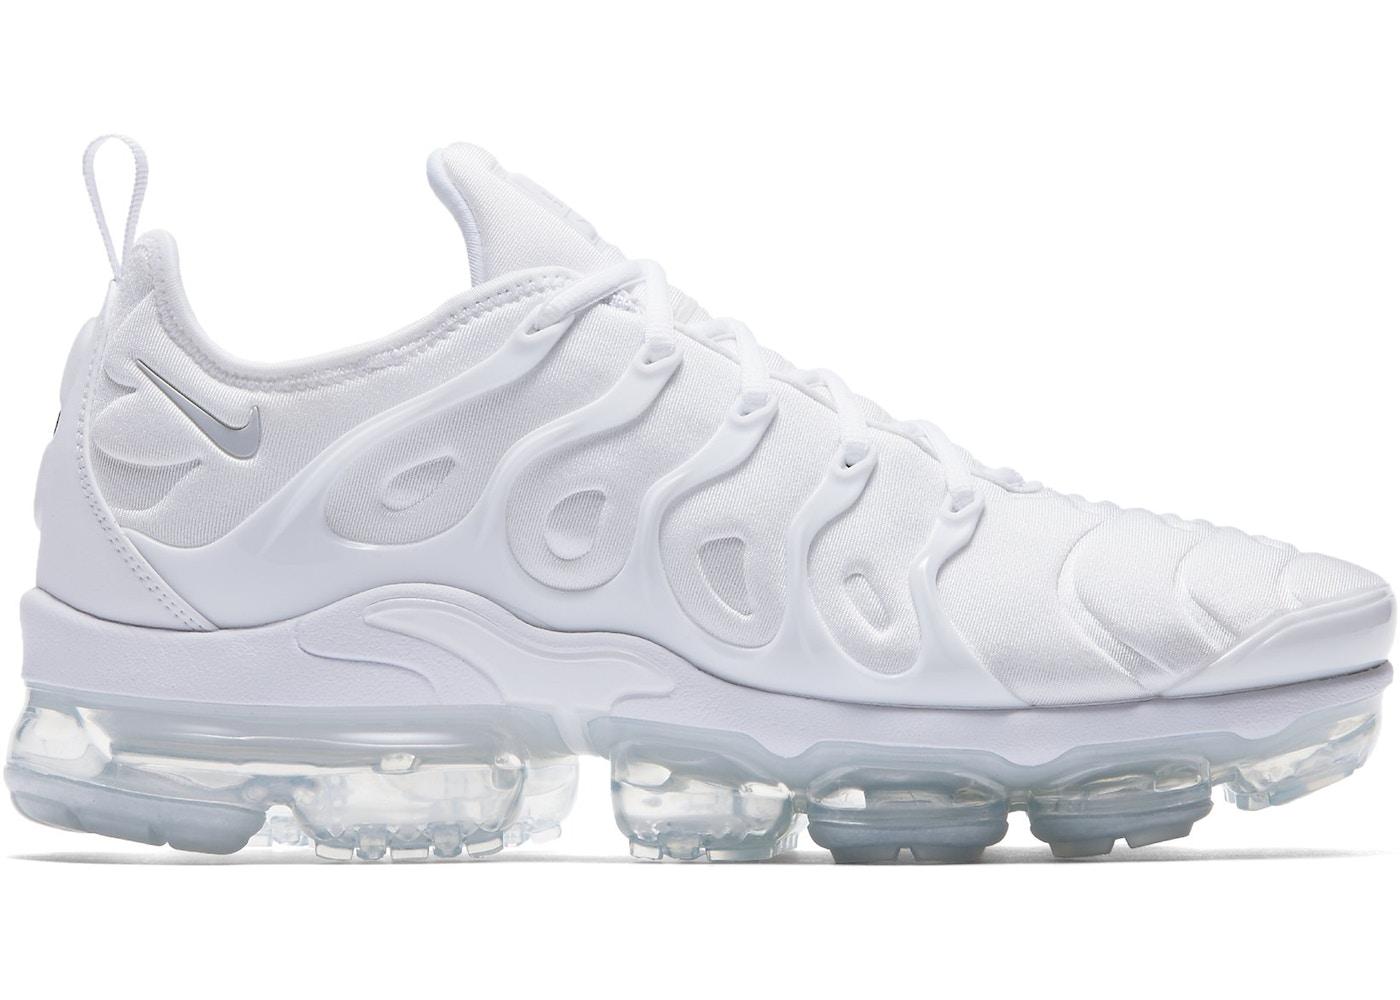 89b645220c4 Buy Nike Air Max VaporMax Shoes   Deadstock Sneakers